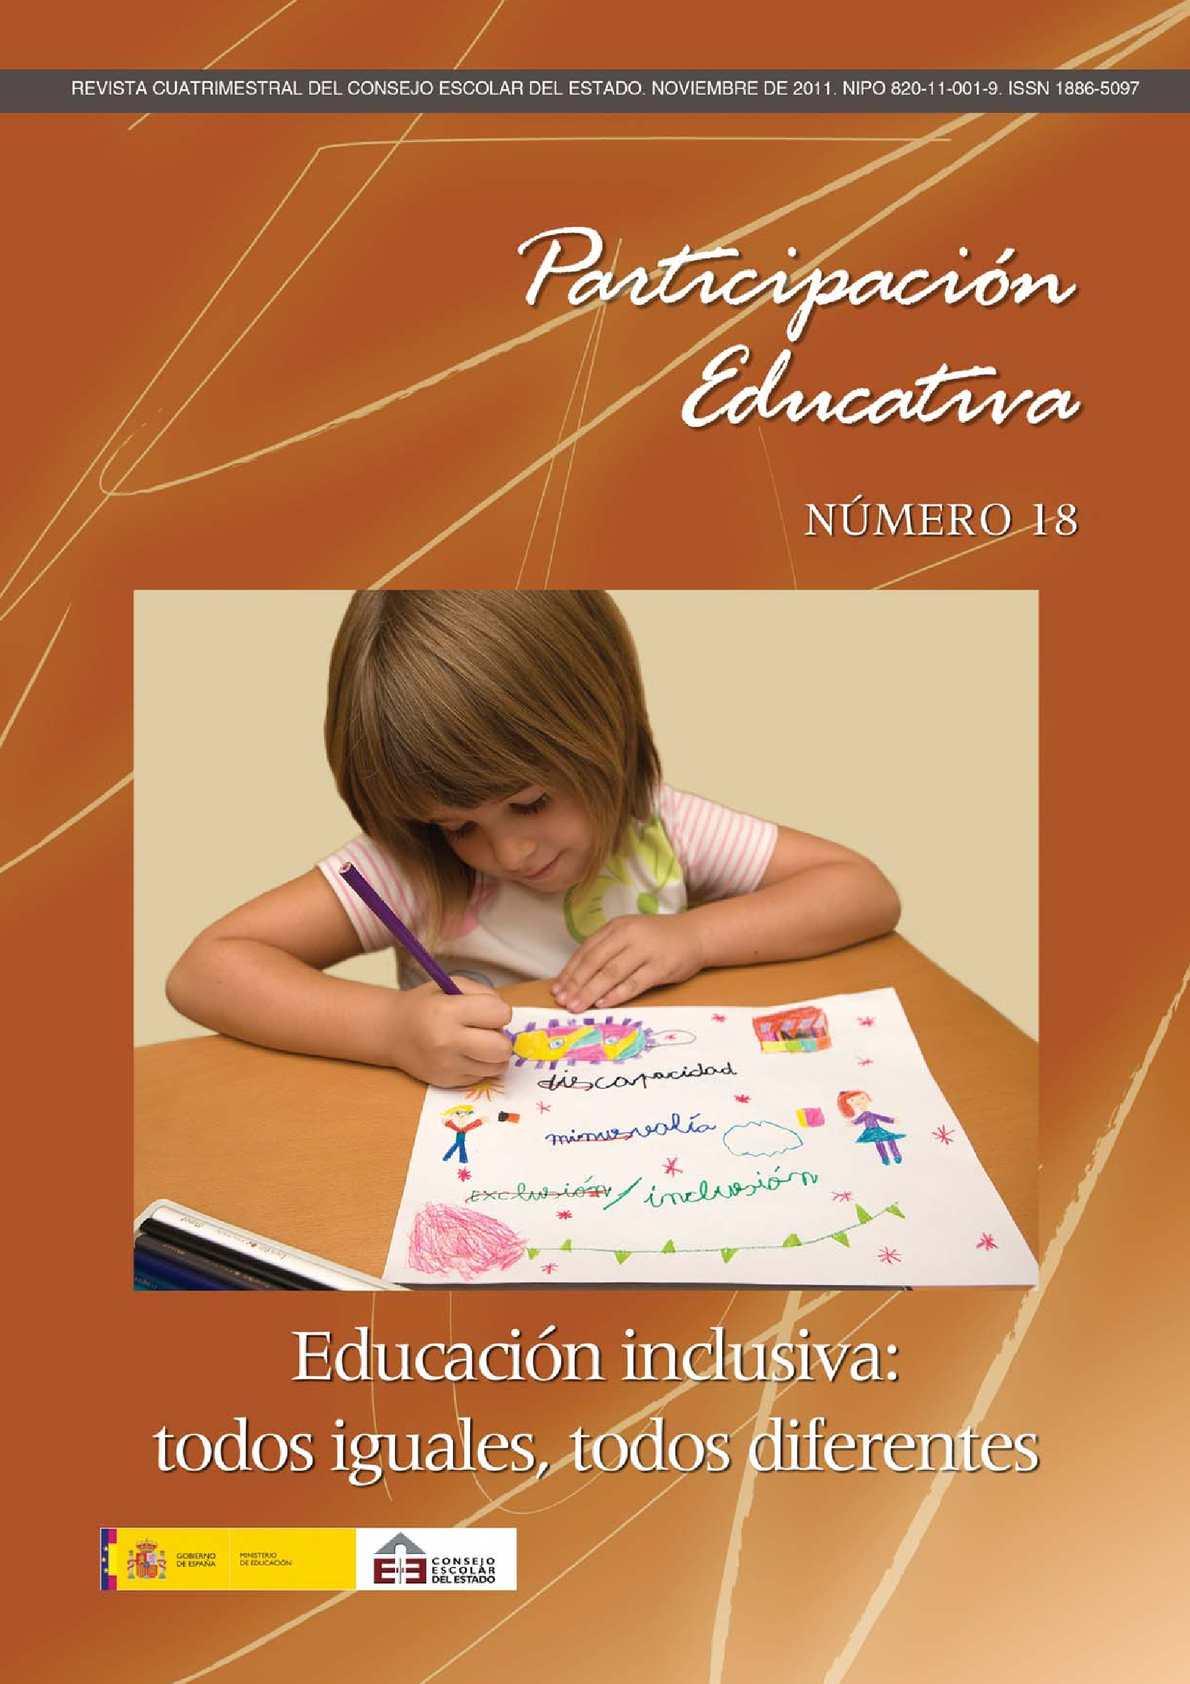 Calaméo - Educación inclusiva:todos igualres, todos diferentes.